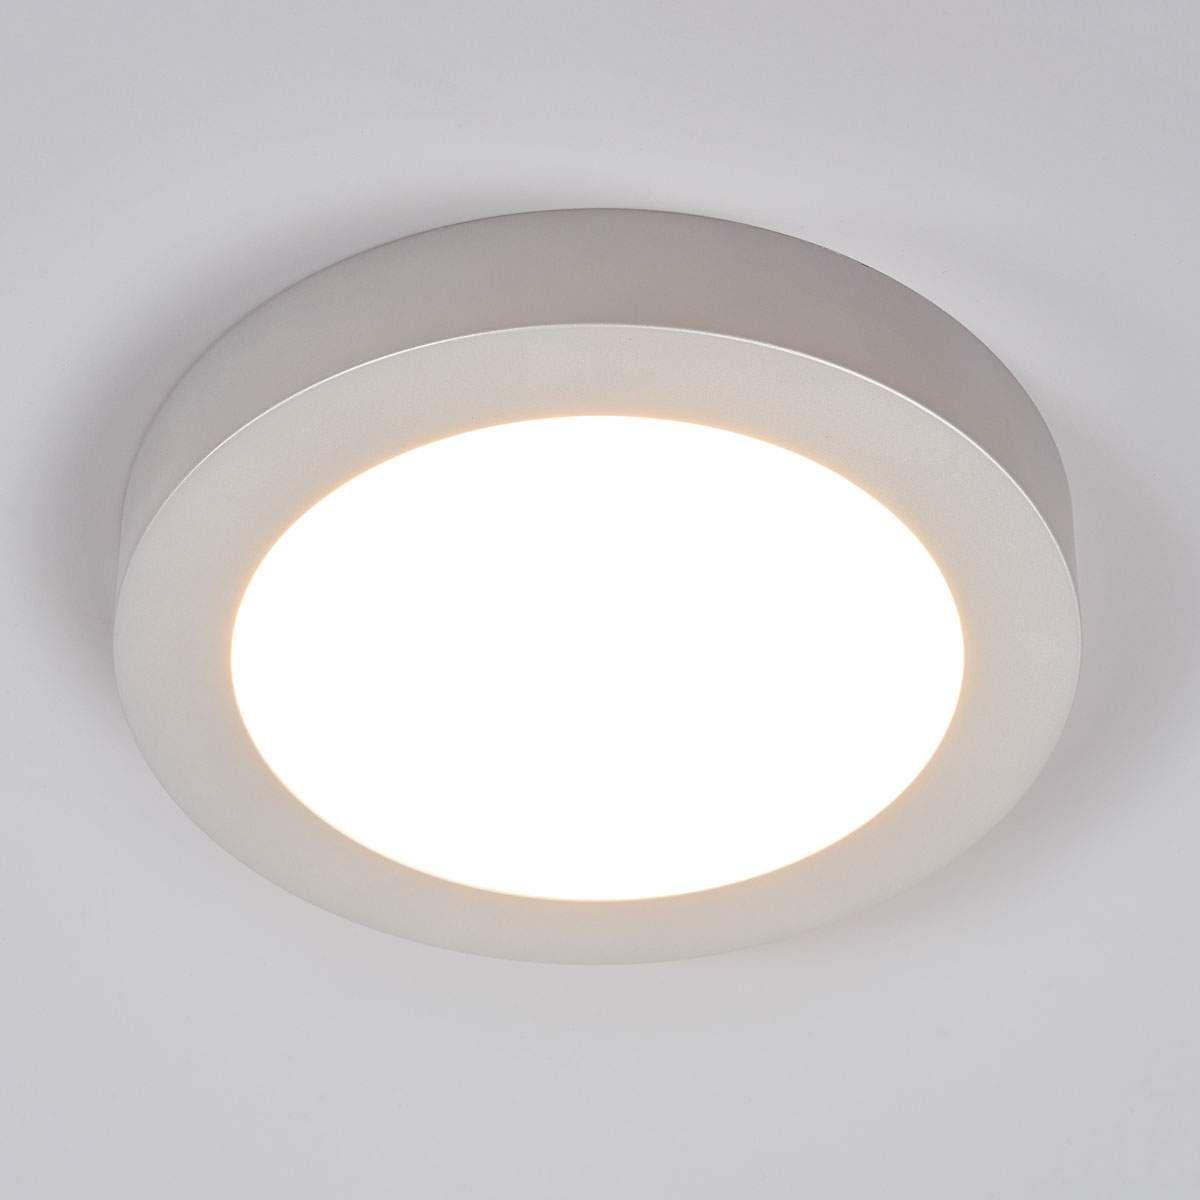 Deckenlampe Badezimmer Deckenleuchte Led Flach Dimmbar Trio Designer Led Deckenleuchte 5 Flammig Deckenleuchten Design Decke Led Ceiling Lights Arcchio